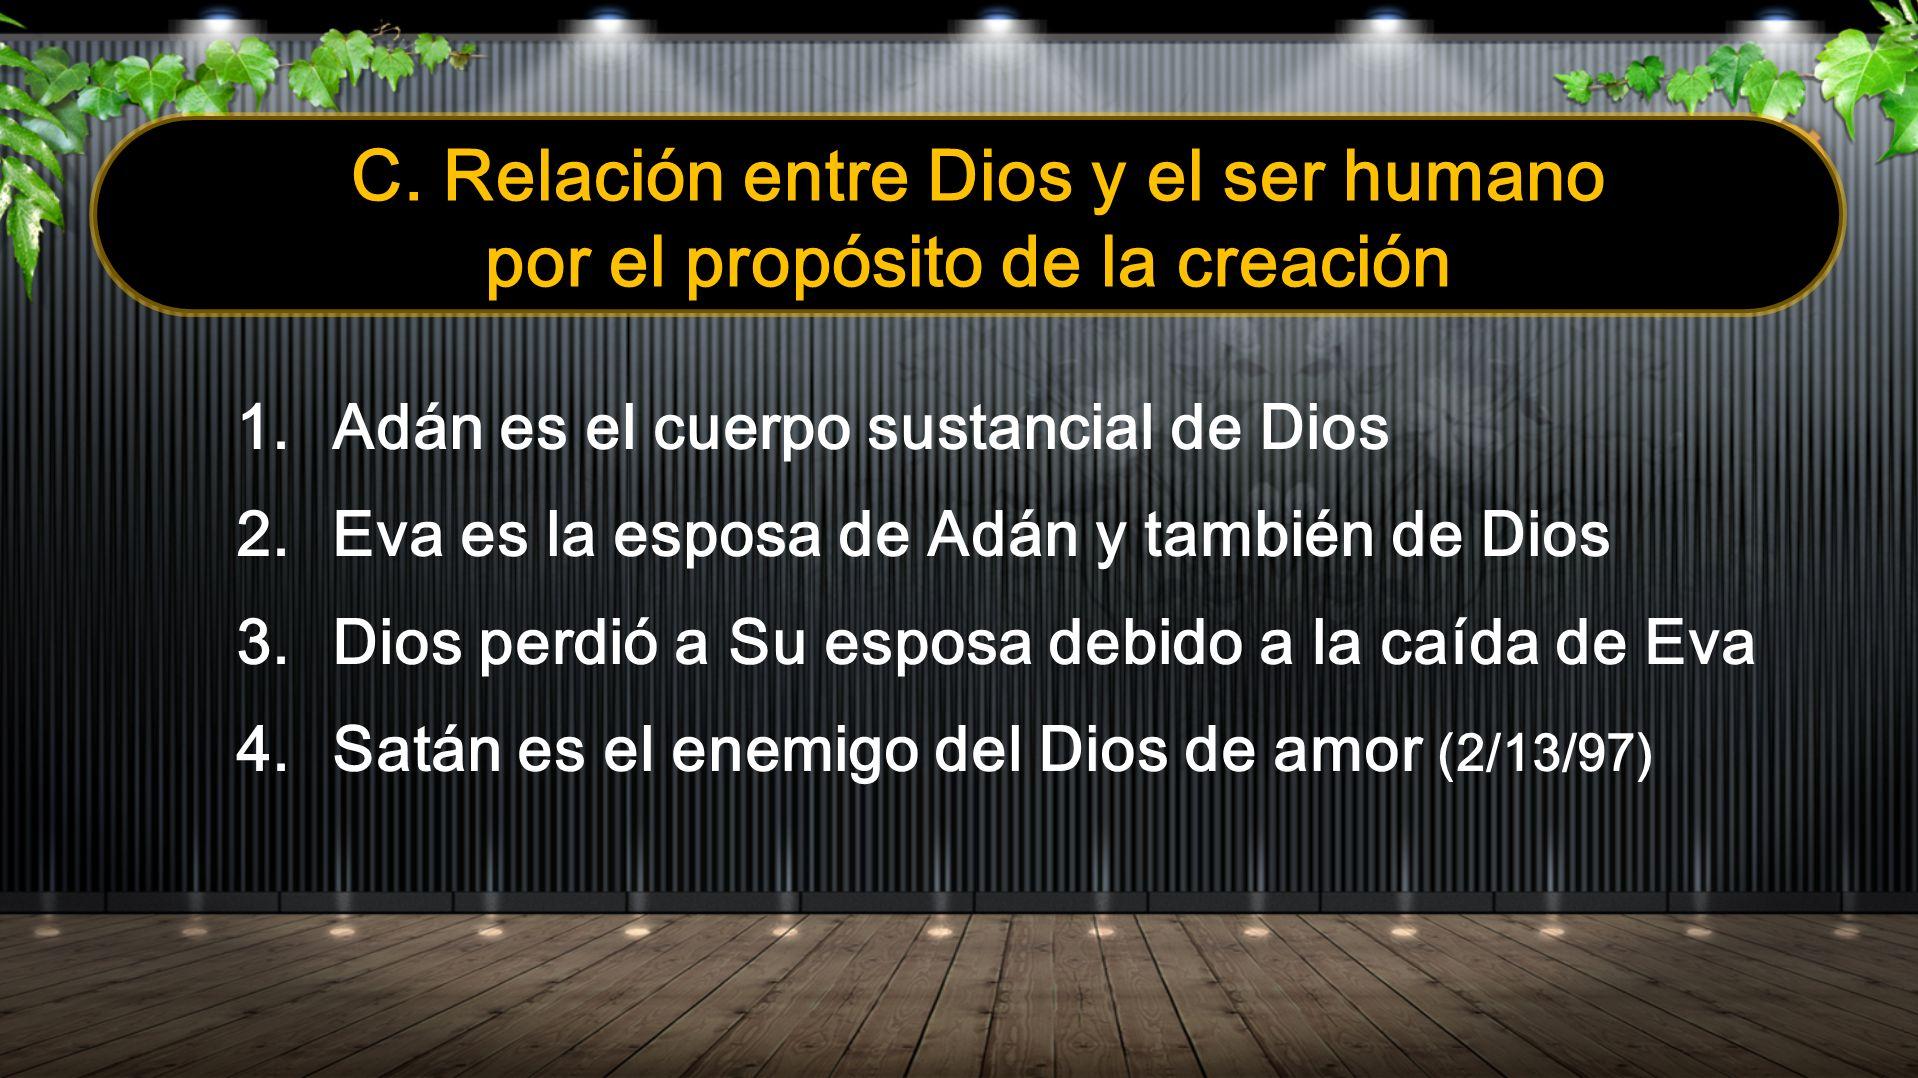 C. Relación entre Dios y el ser humano por el propósito de la creación